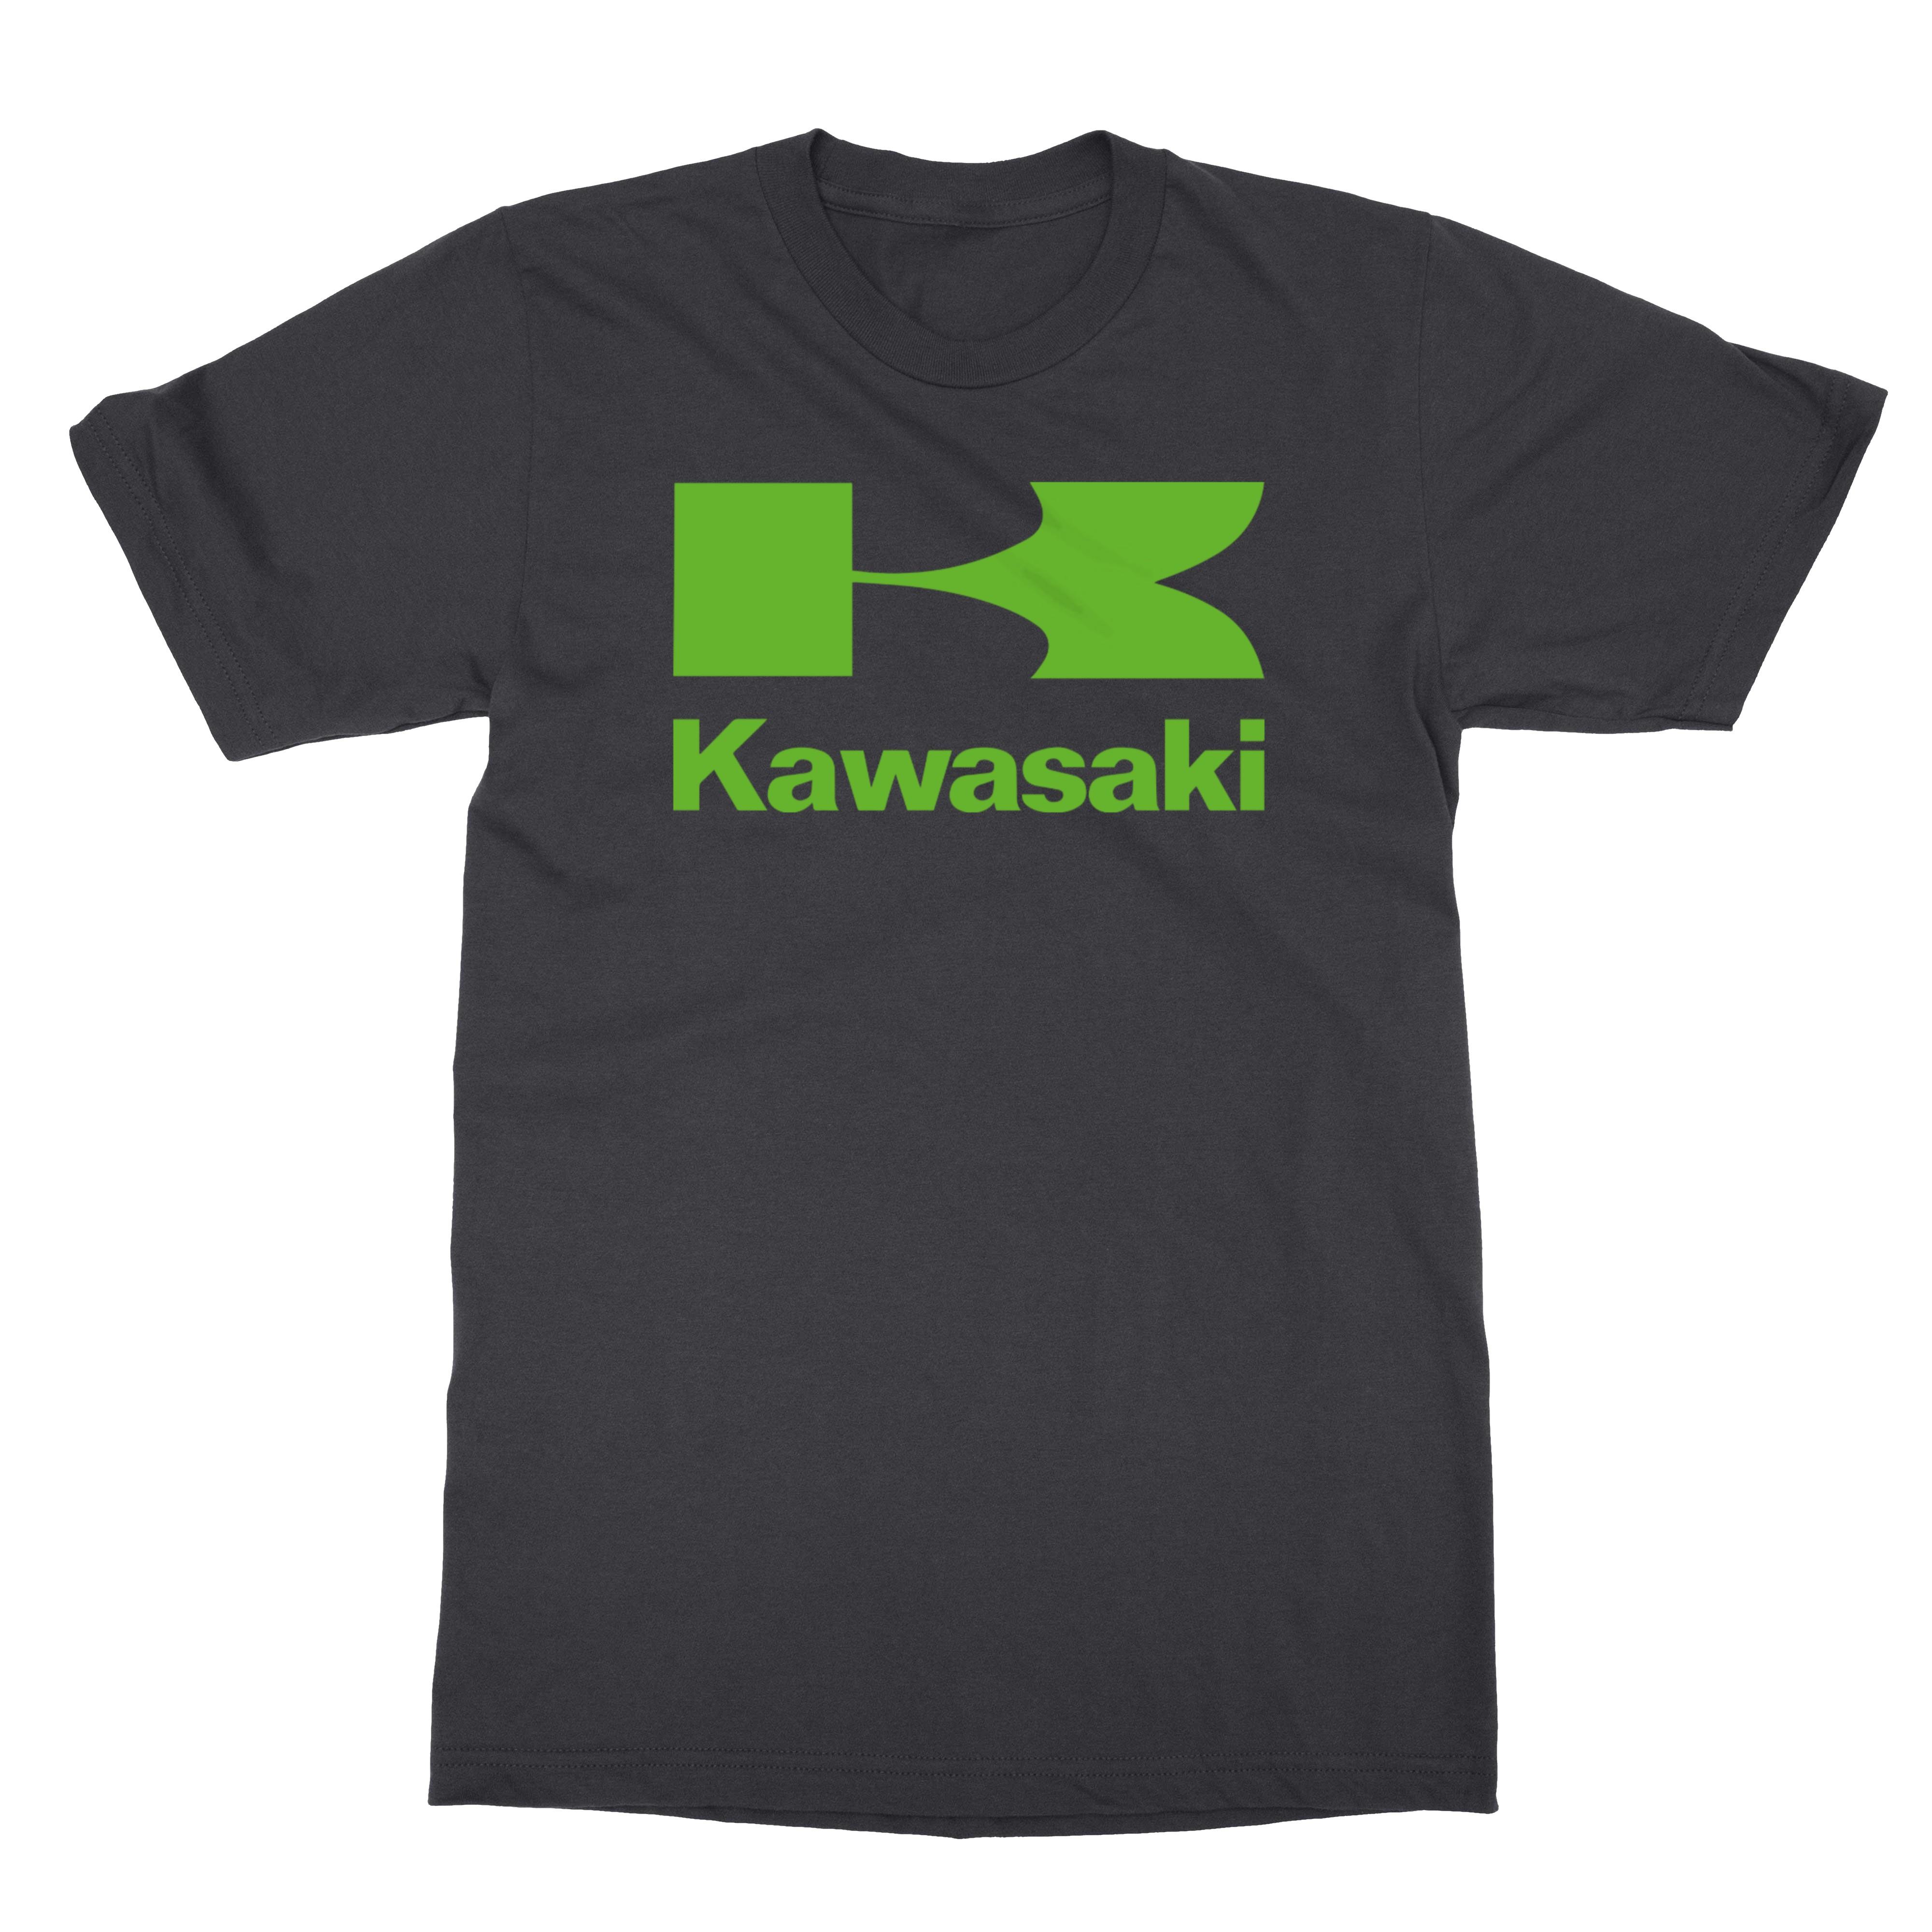 Kawasaki ATV Motorcycle Sports Racing Men's T-Shirt